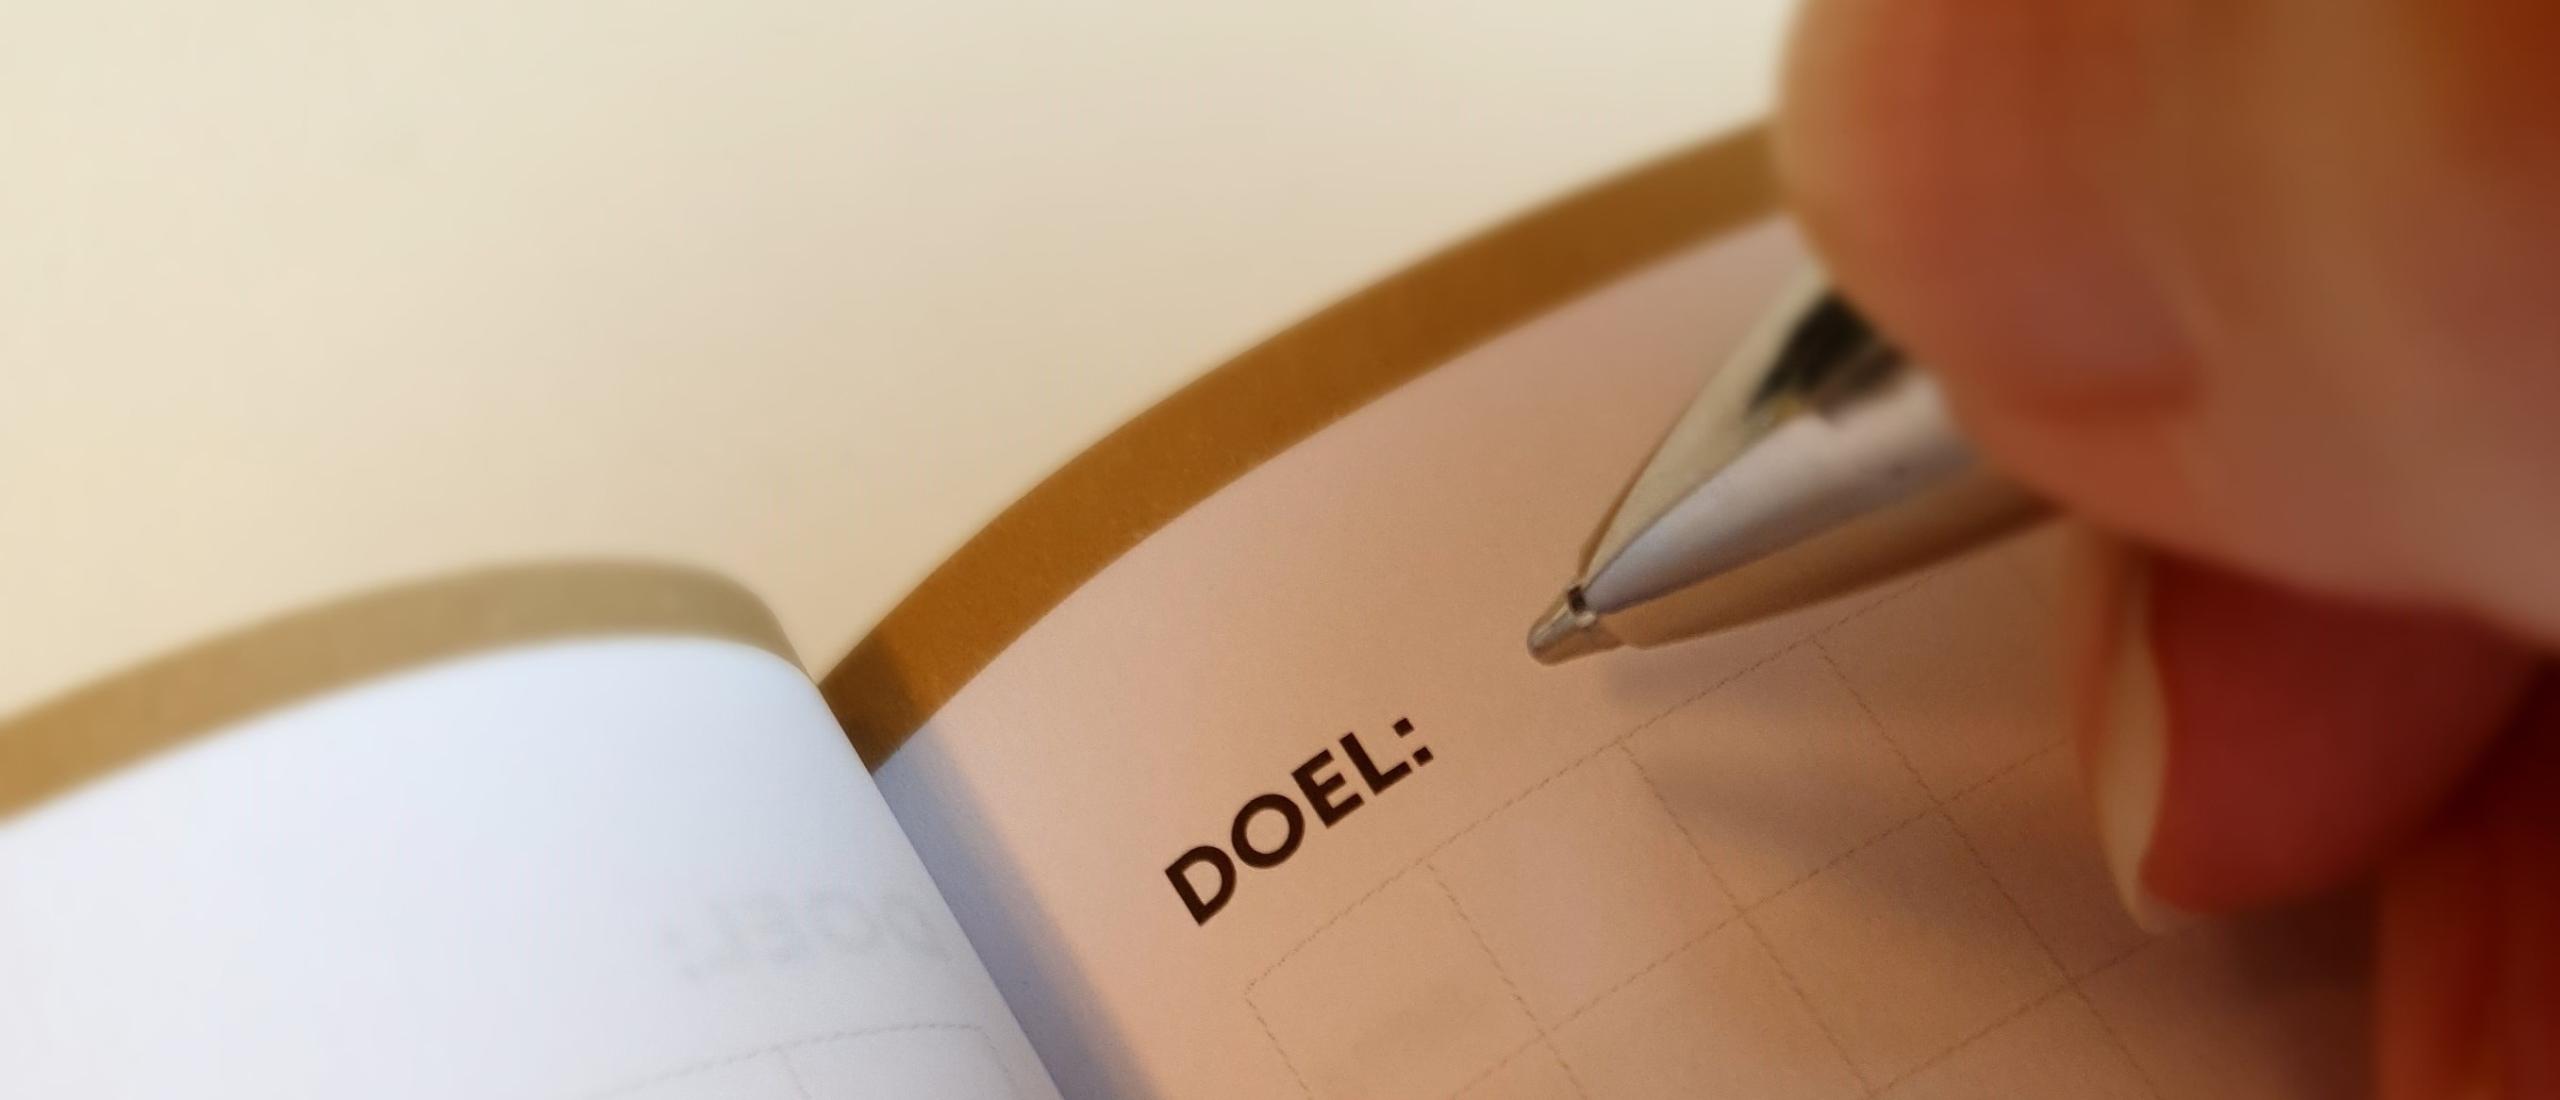 Wat is het nut van doelen stellen?